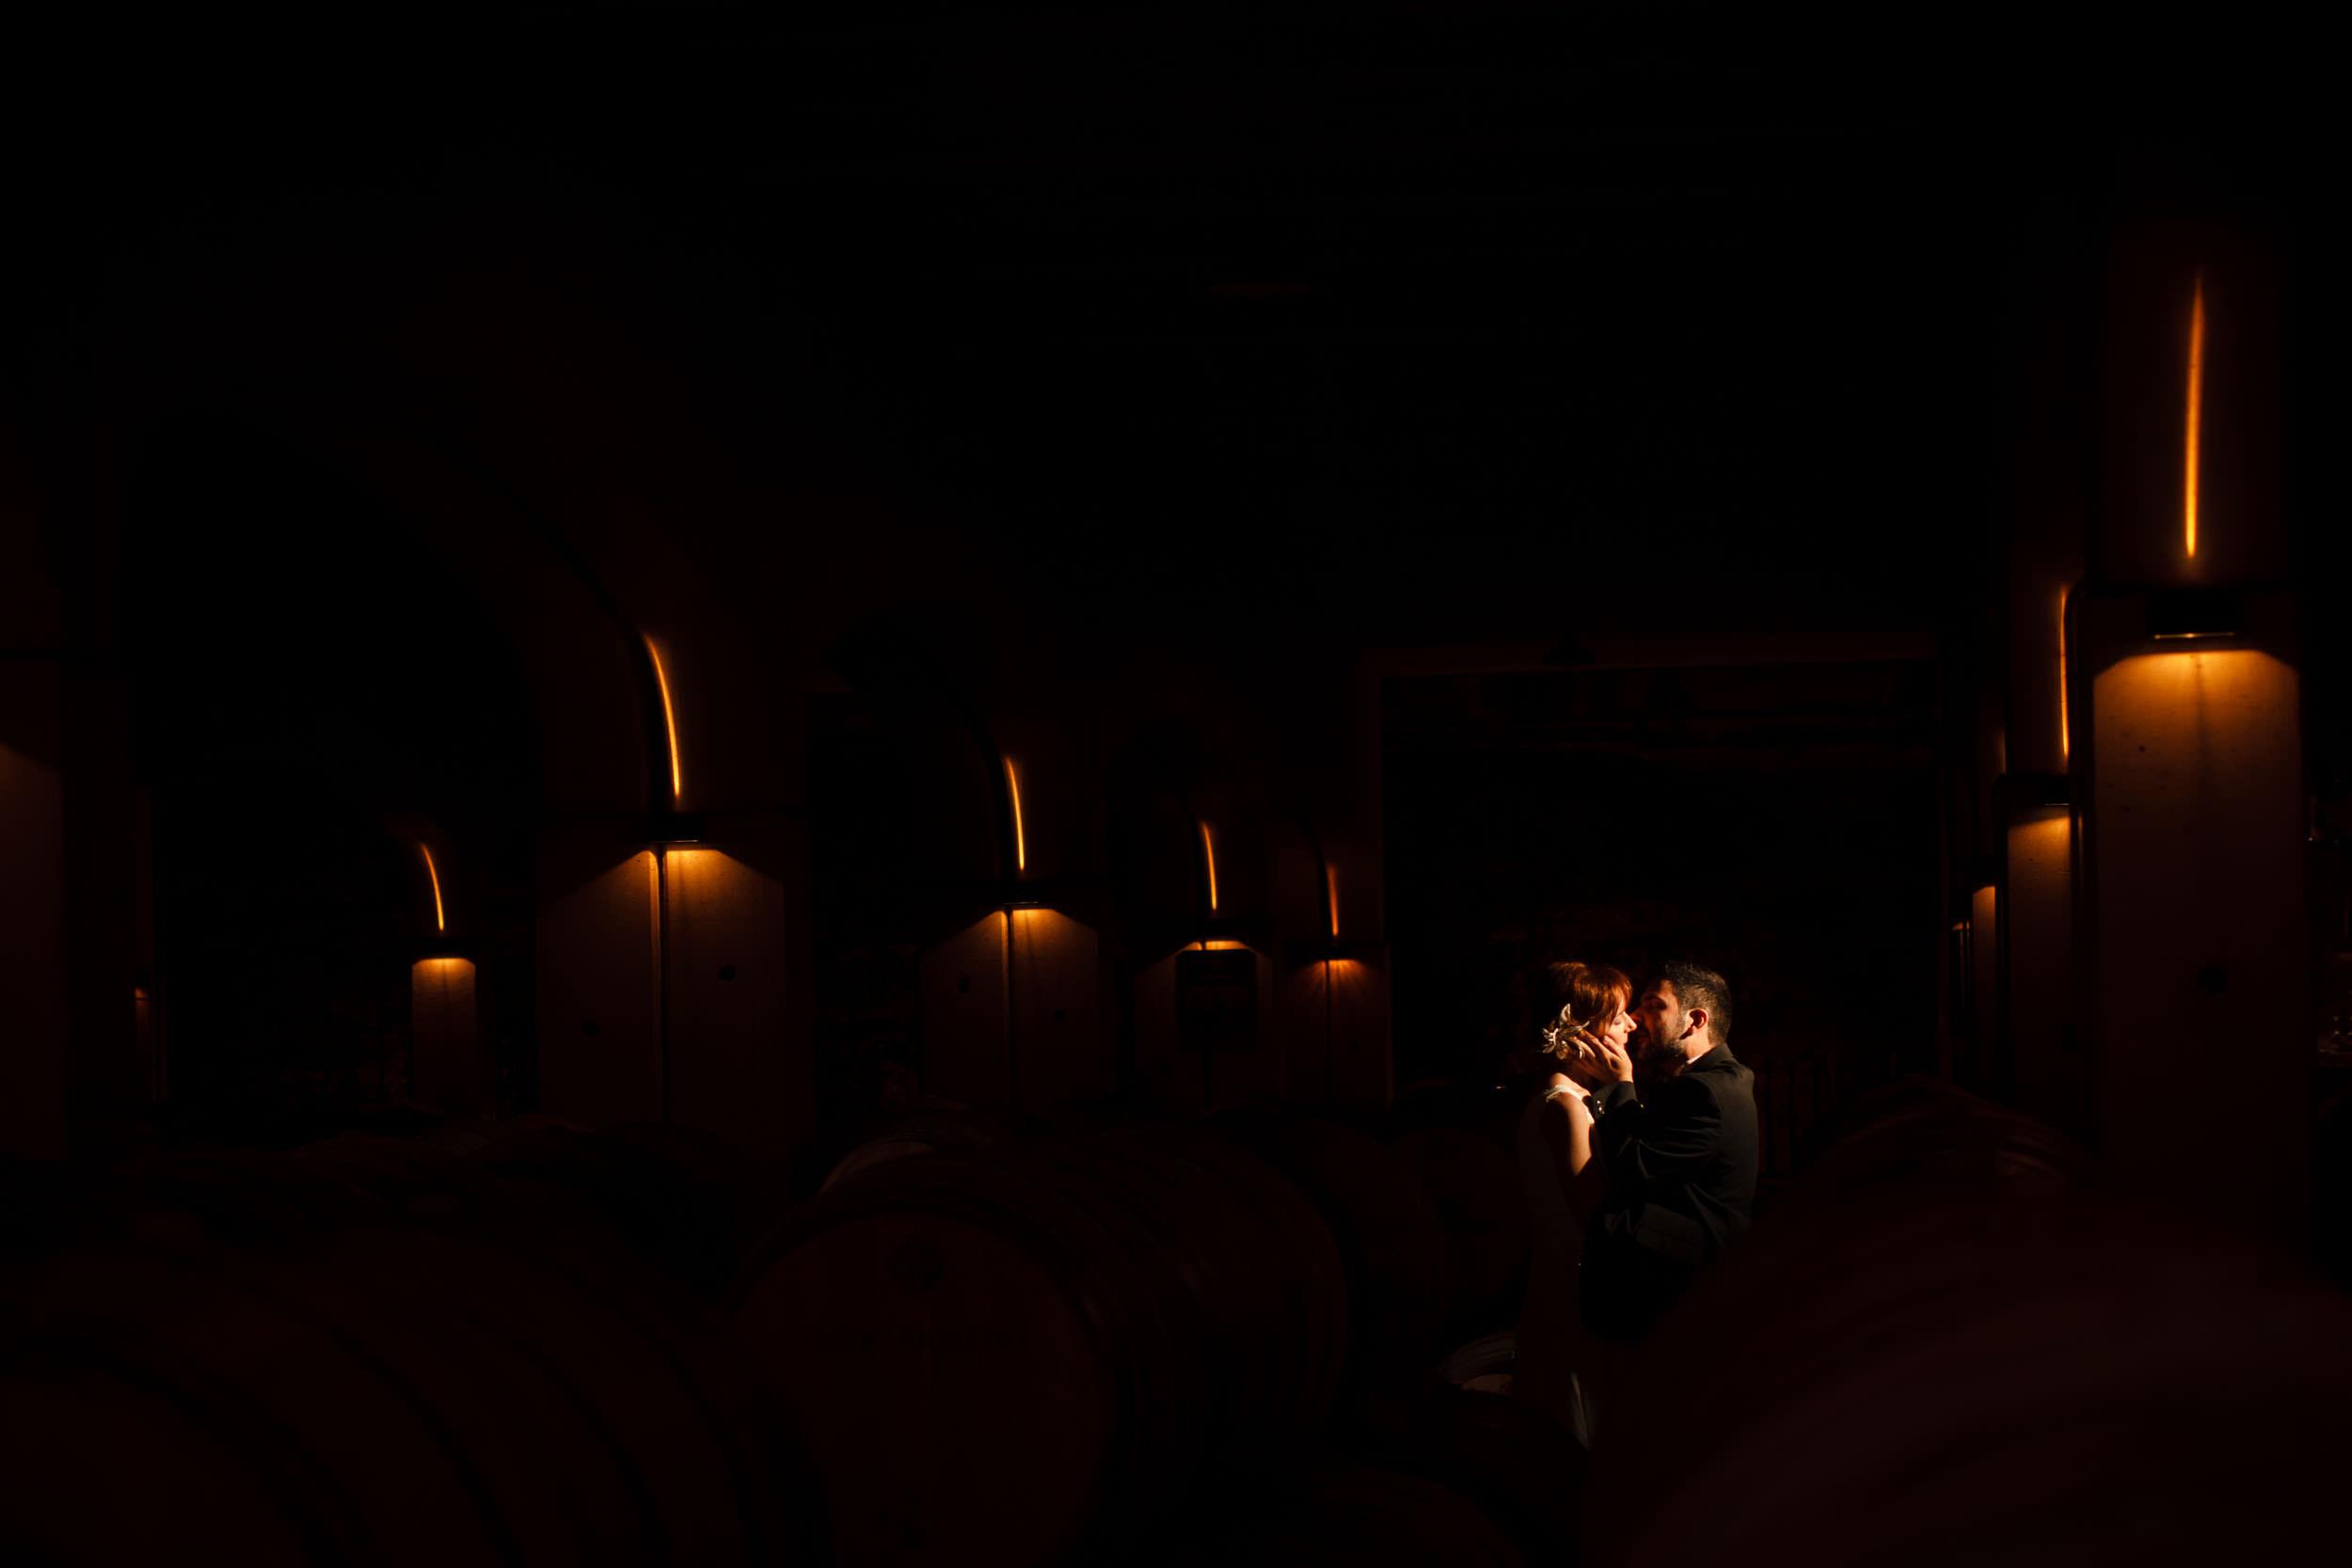 Mejor Fotografia de boda La Rioja Pais Vasco España - James Sturcke - sturcke.org_00005.jpg